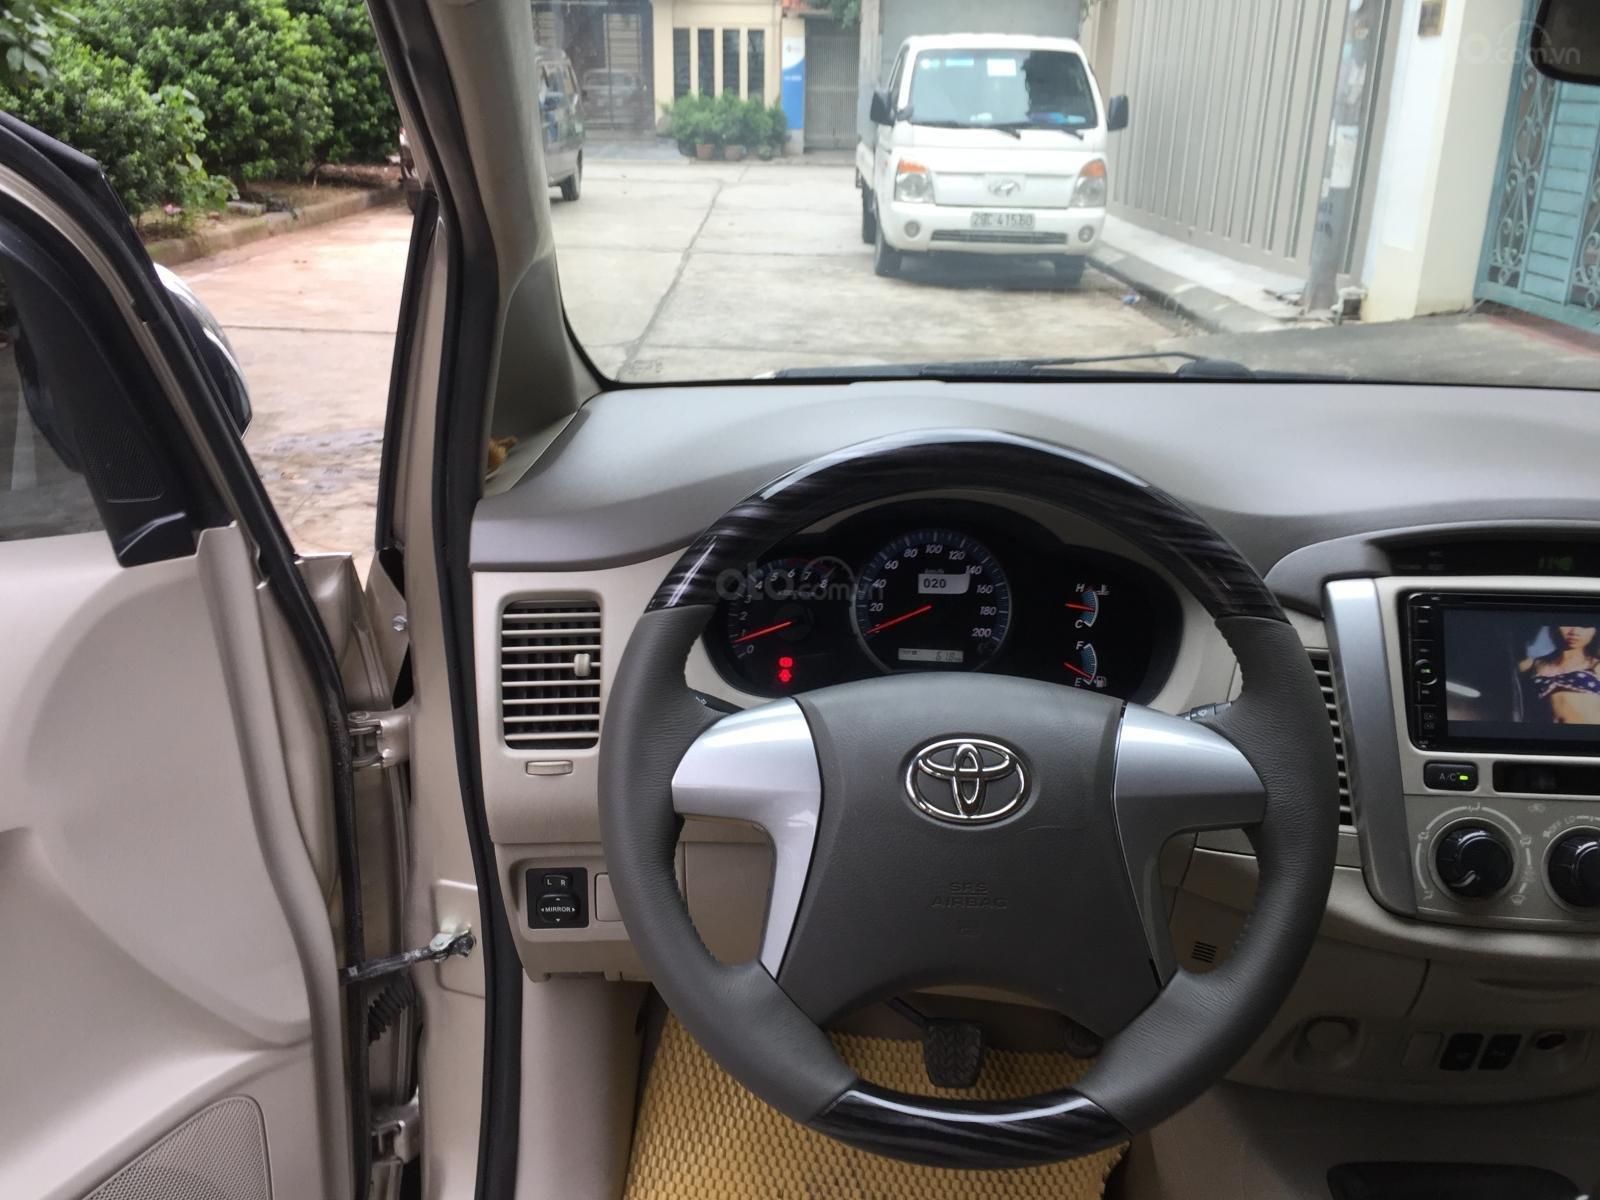 Tôi cần bán gấp chiếc Toyota Innnova 2.0E xịn 2015 xố sàn màu cát vàng chính chủ tôi đang sử dụng lh 0988629735 (9)